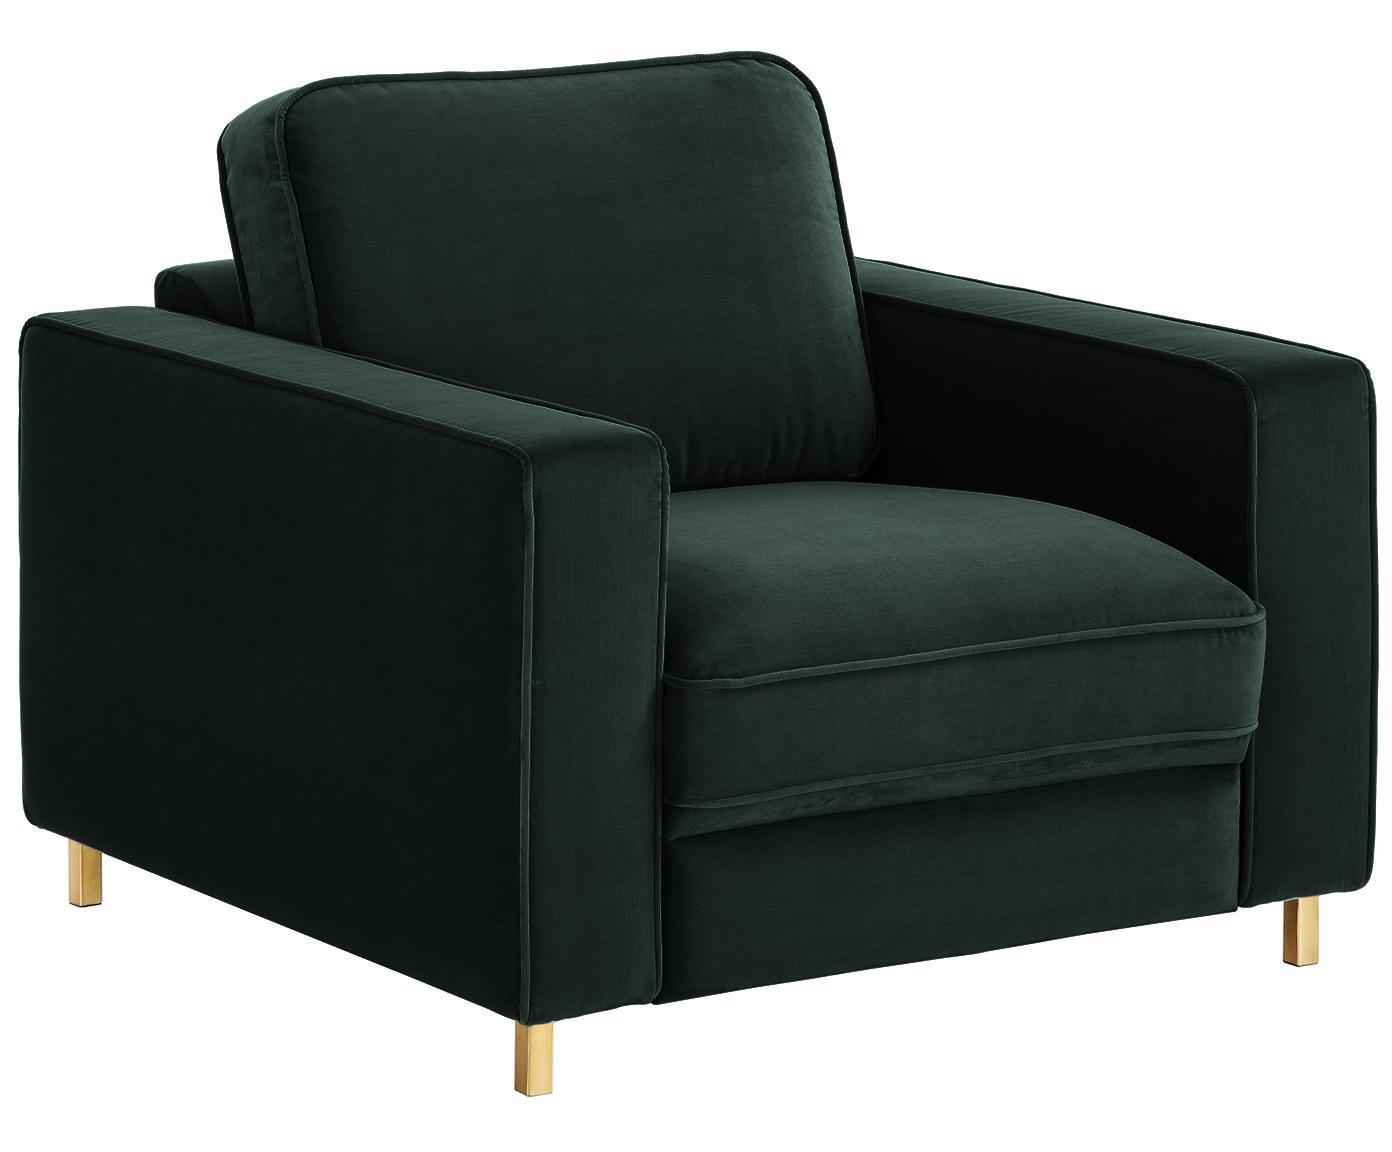 Samt-Sessel Chelsea, Bezug: Samt (Hochwertiger Polyes, Gestell: Massives Fichtenholz, Füße: Metall, beschichtet, Samt Dunkelgrün, B 83 x T 93 cm